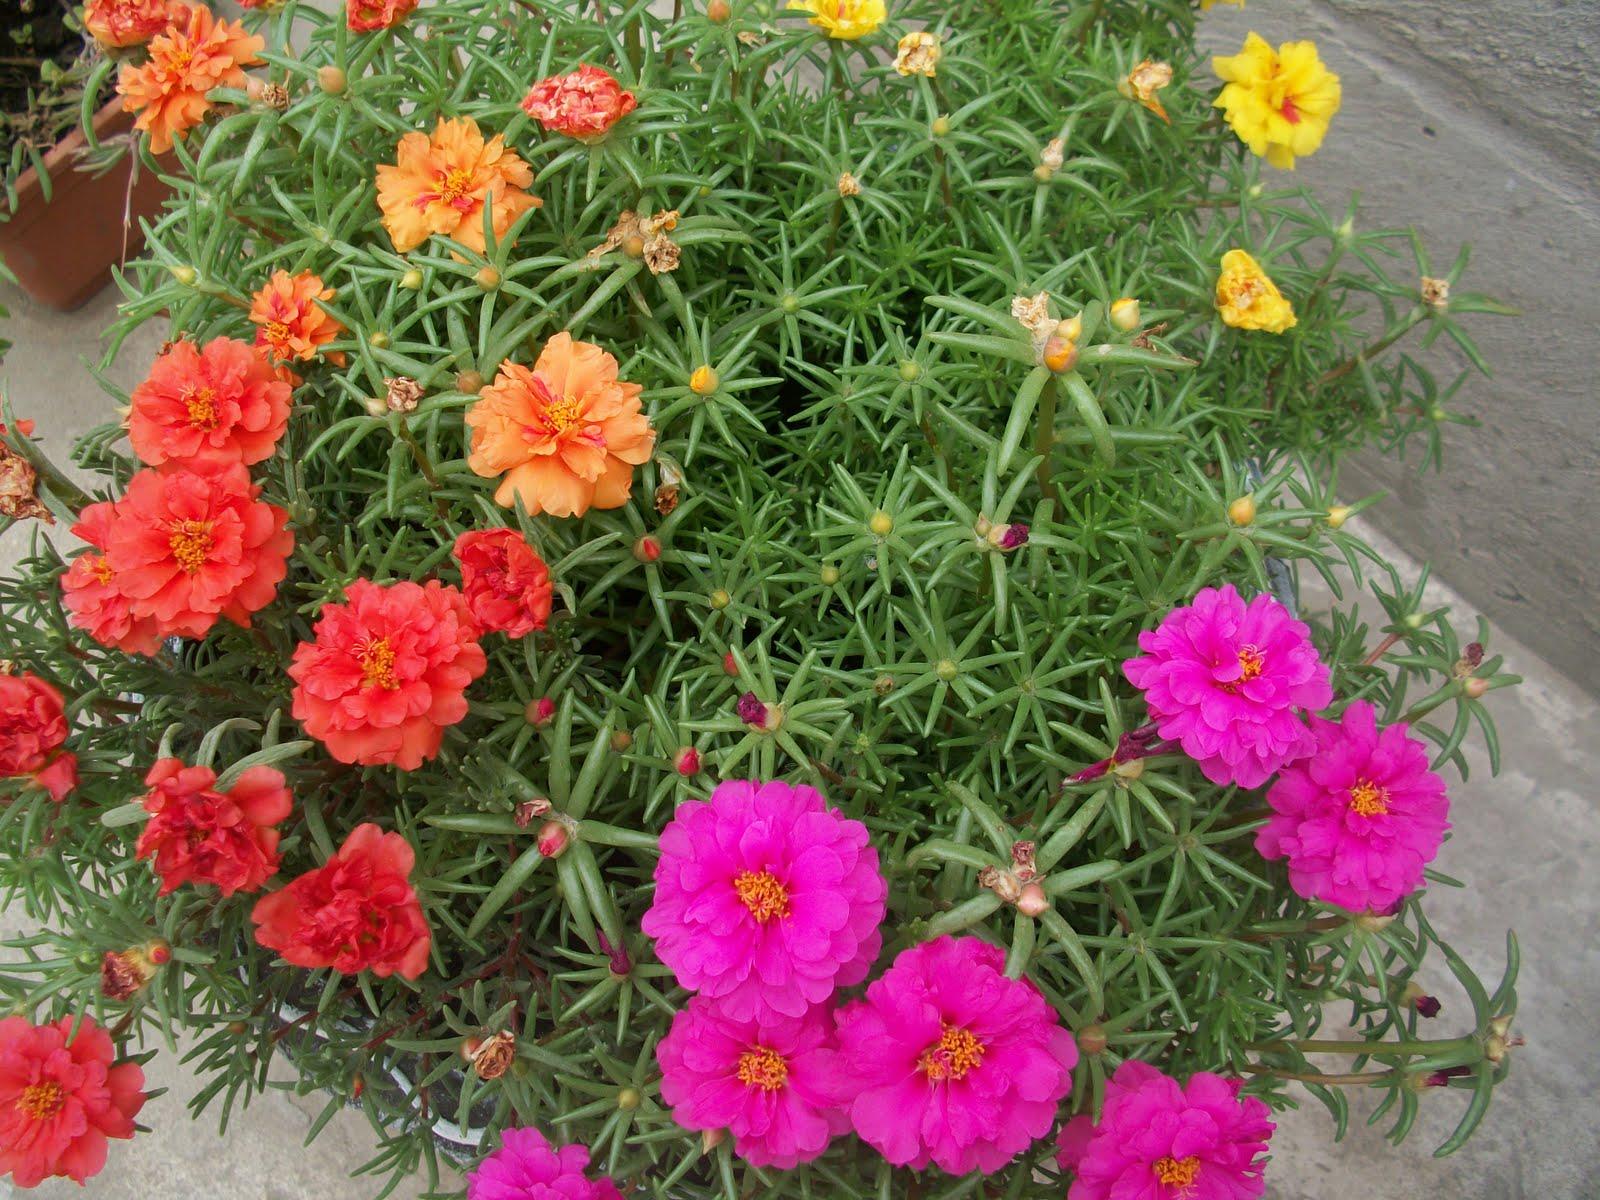 Imagenes Bonitas Con Flores Y Plantas 4a Parte Cerrado Busca La 5a - Flores-bonitas-para-jardin